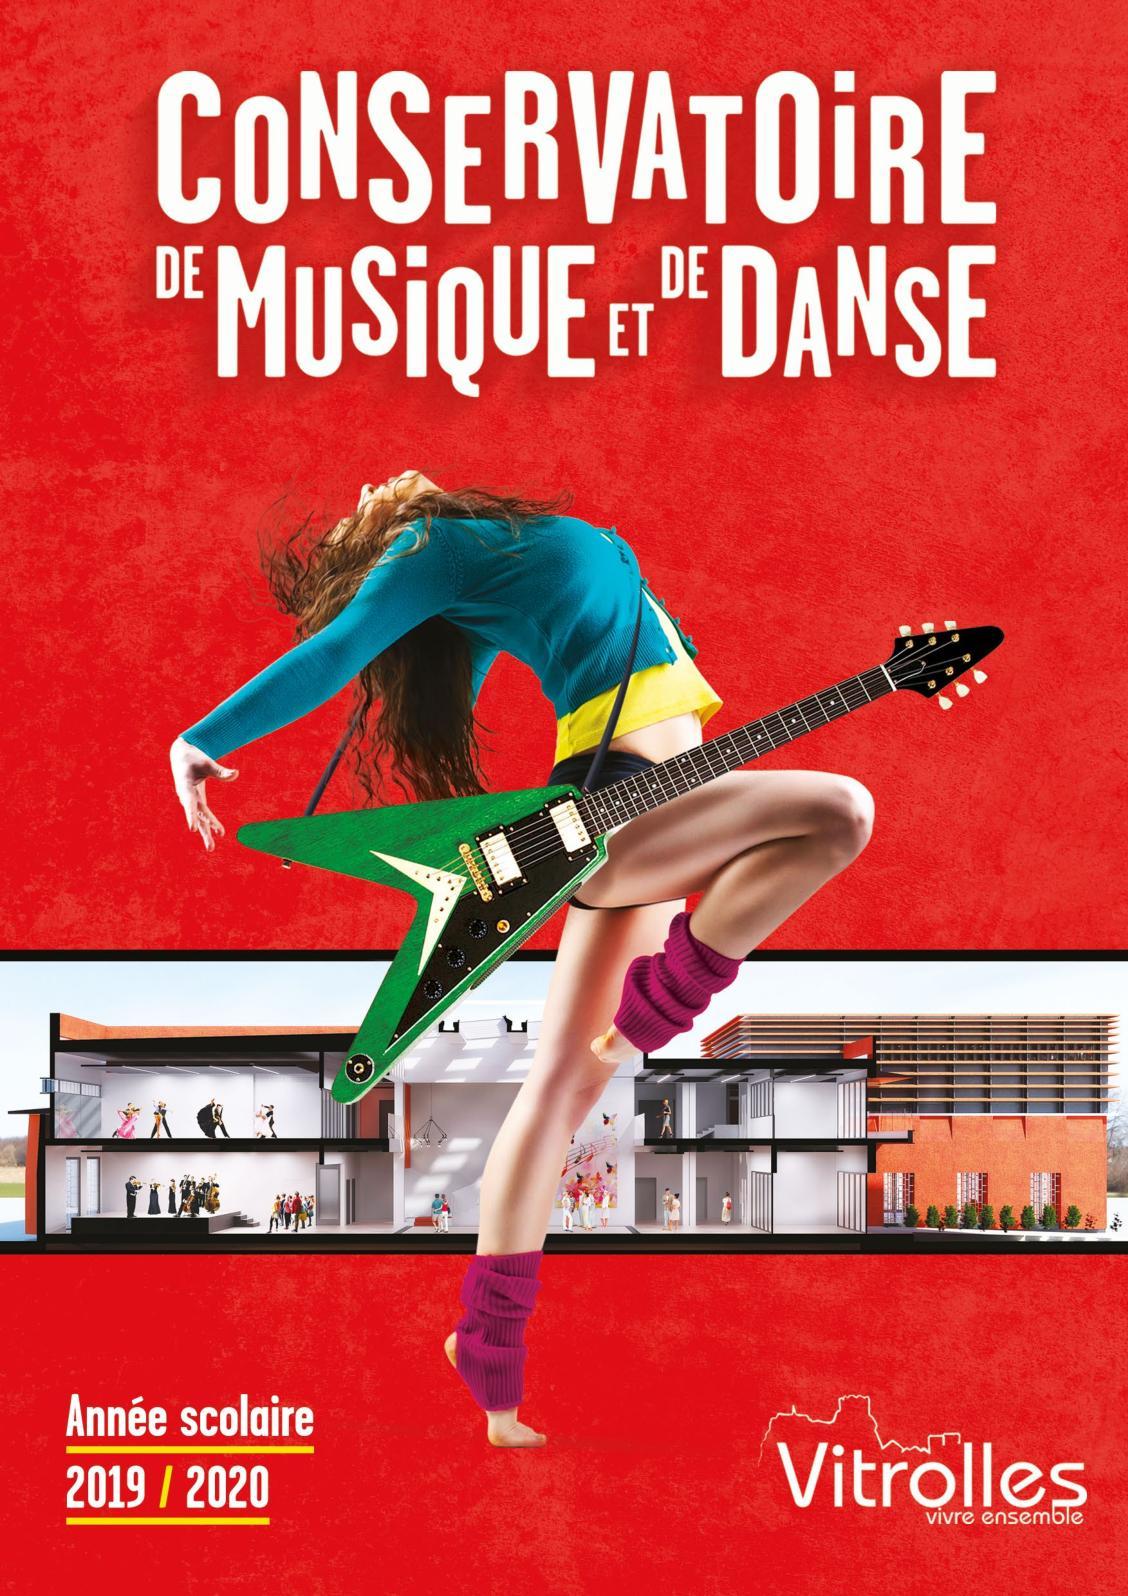 Art Plus Cadre Vitrolles calaméo - conservatoire musique danse - 2019/2020